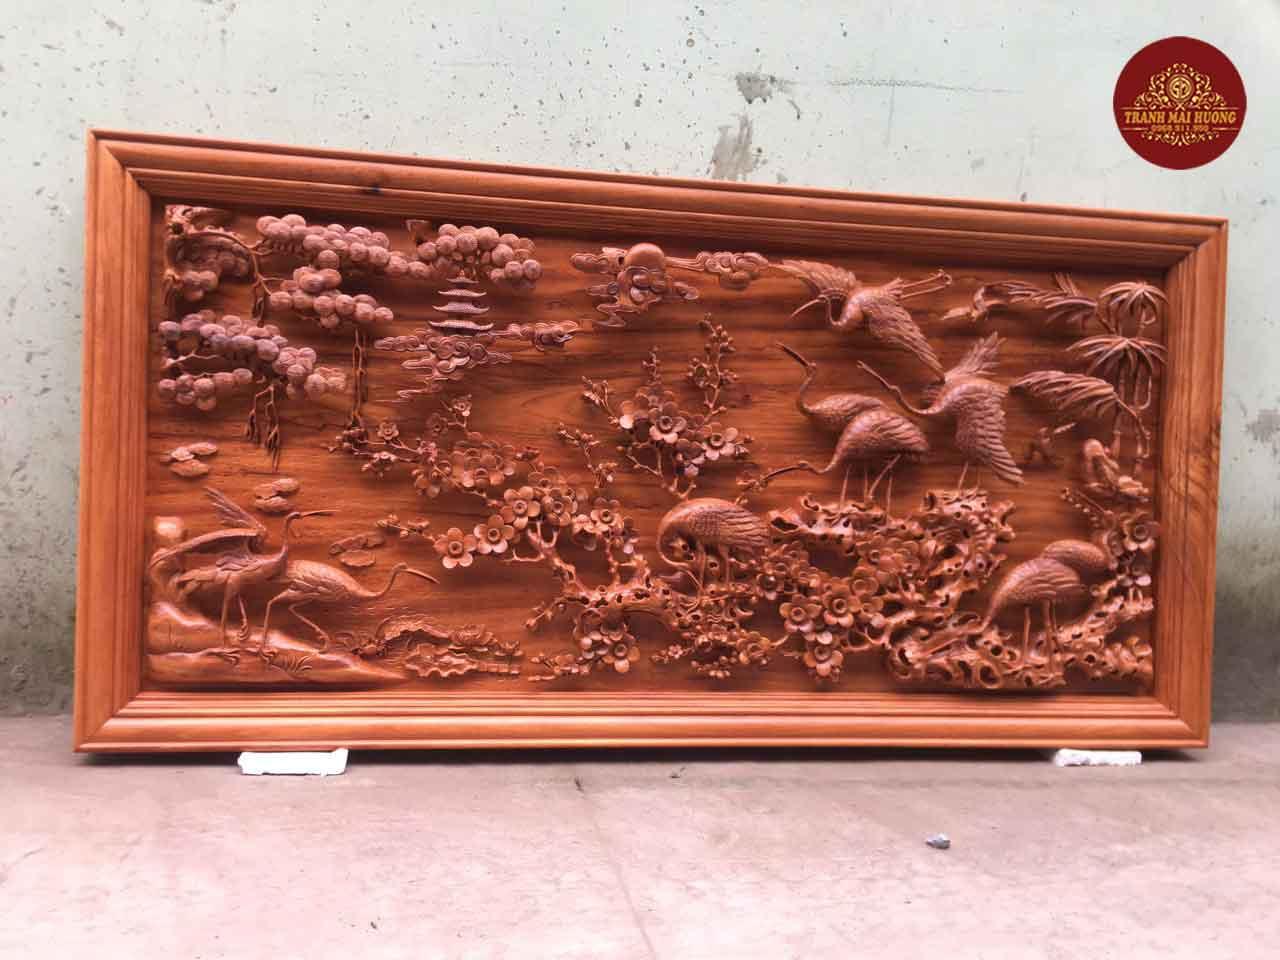 Tranh gỗ hương đá cửu hạc du xuân. KT: 237x117x8